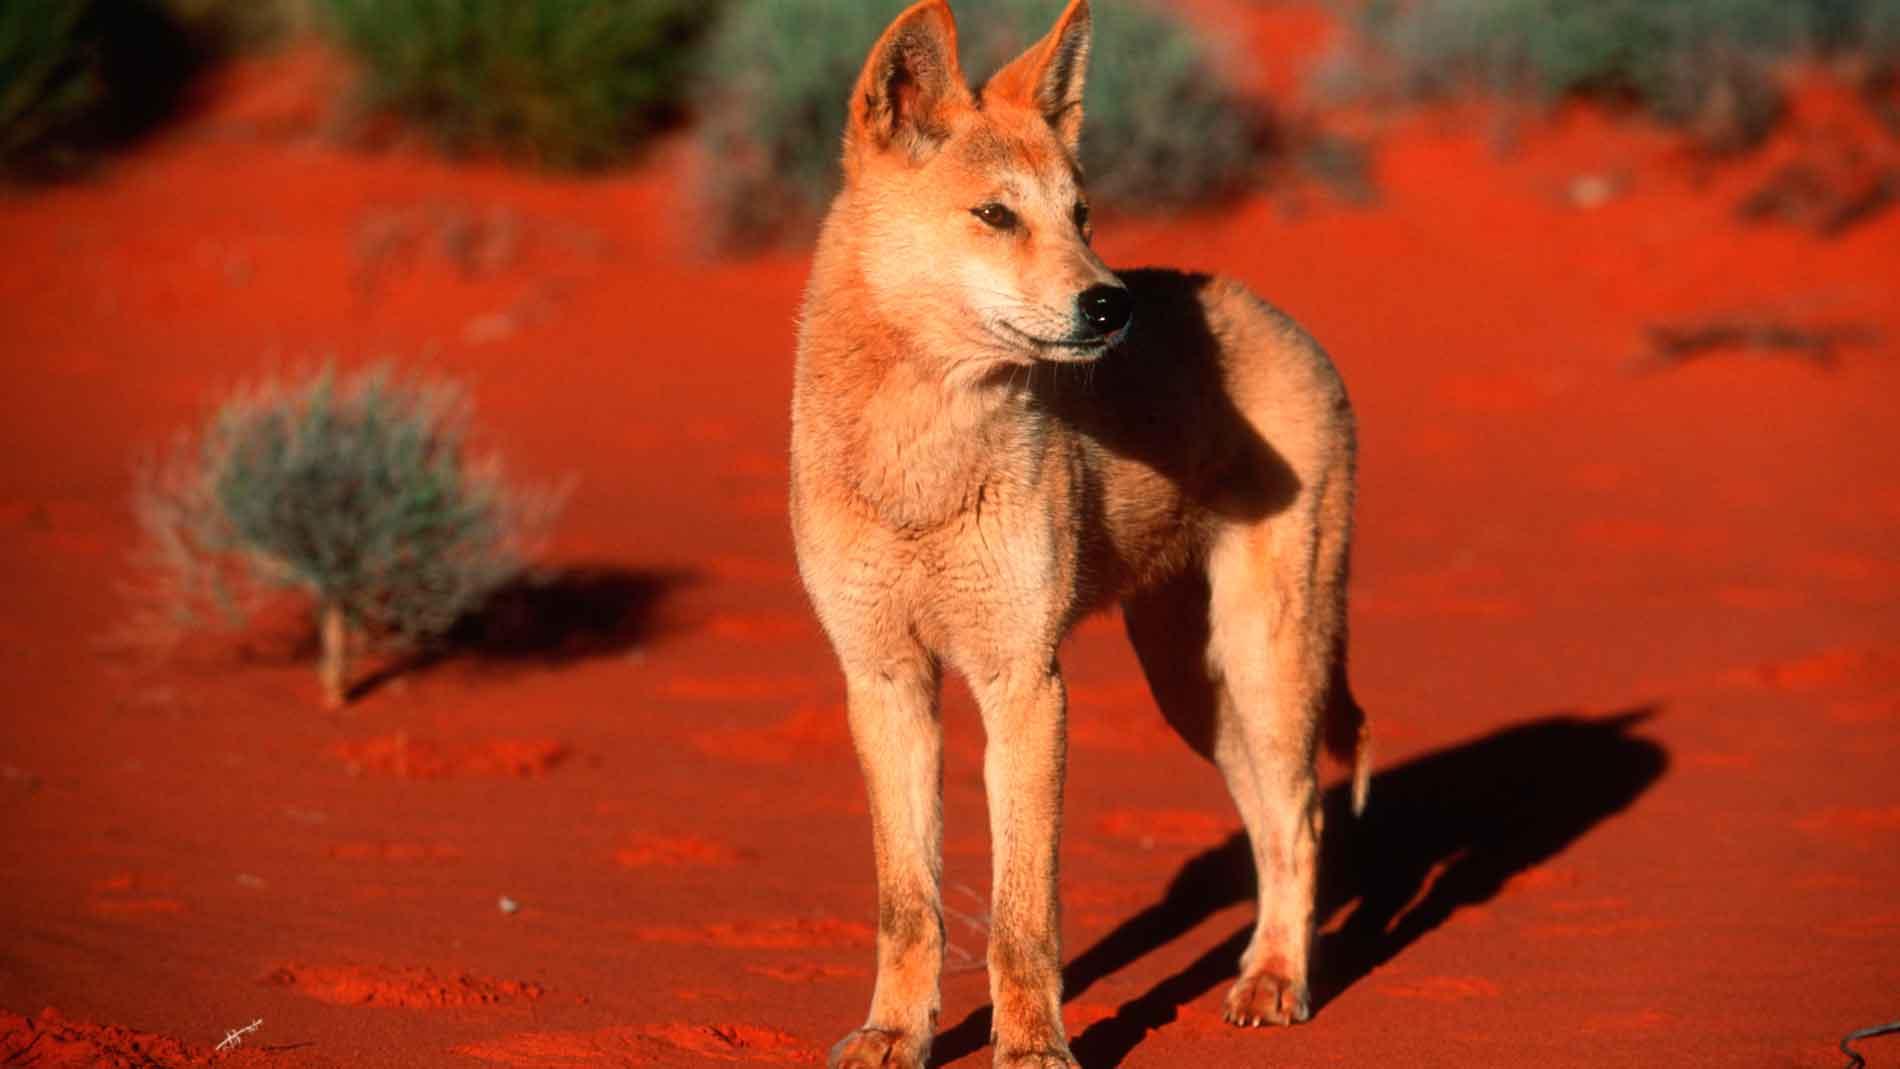 dingo digestion comparison